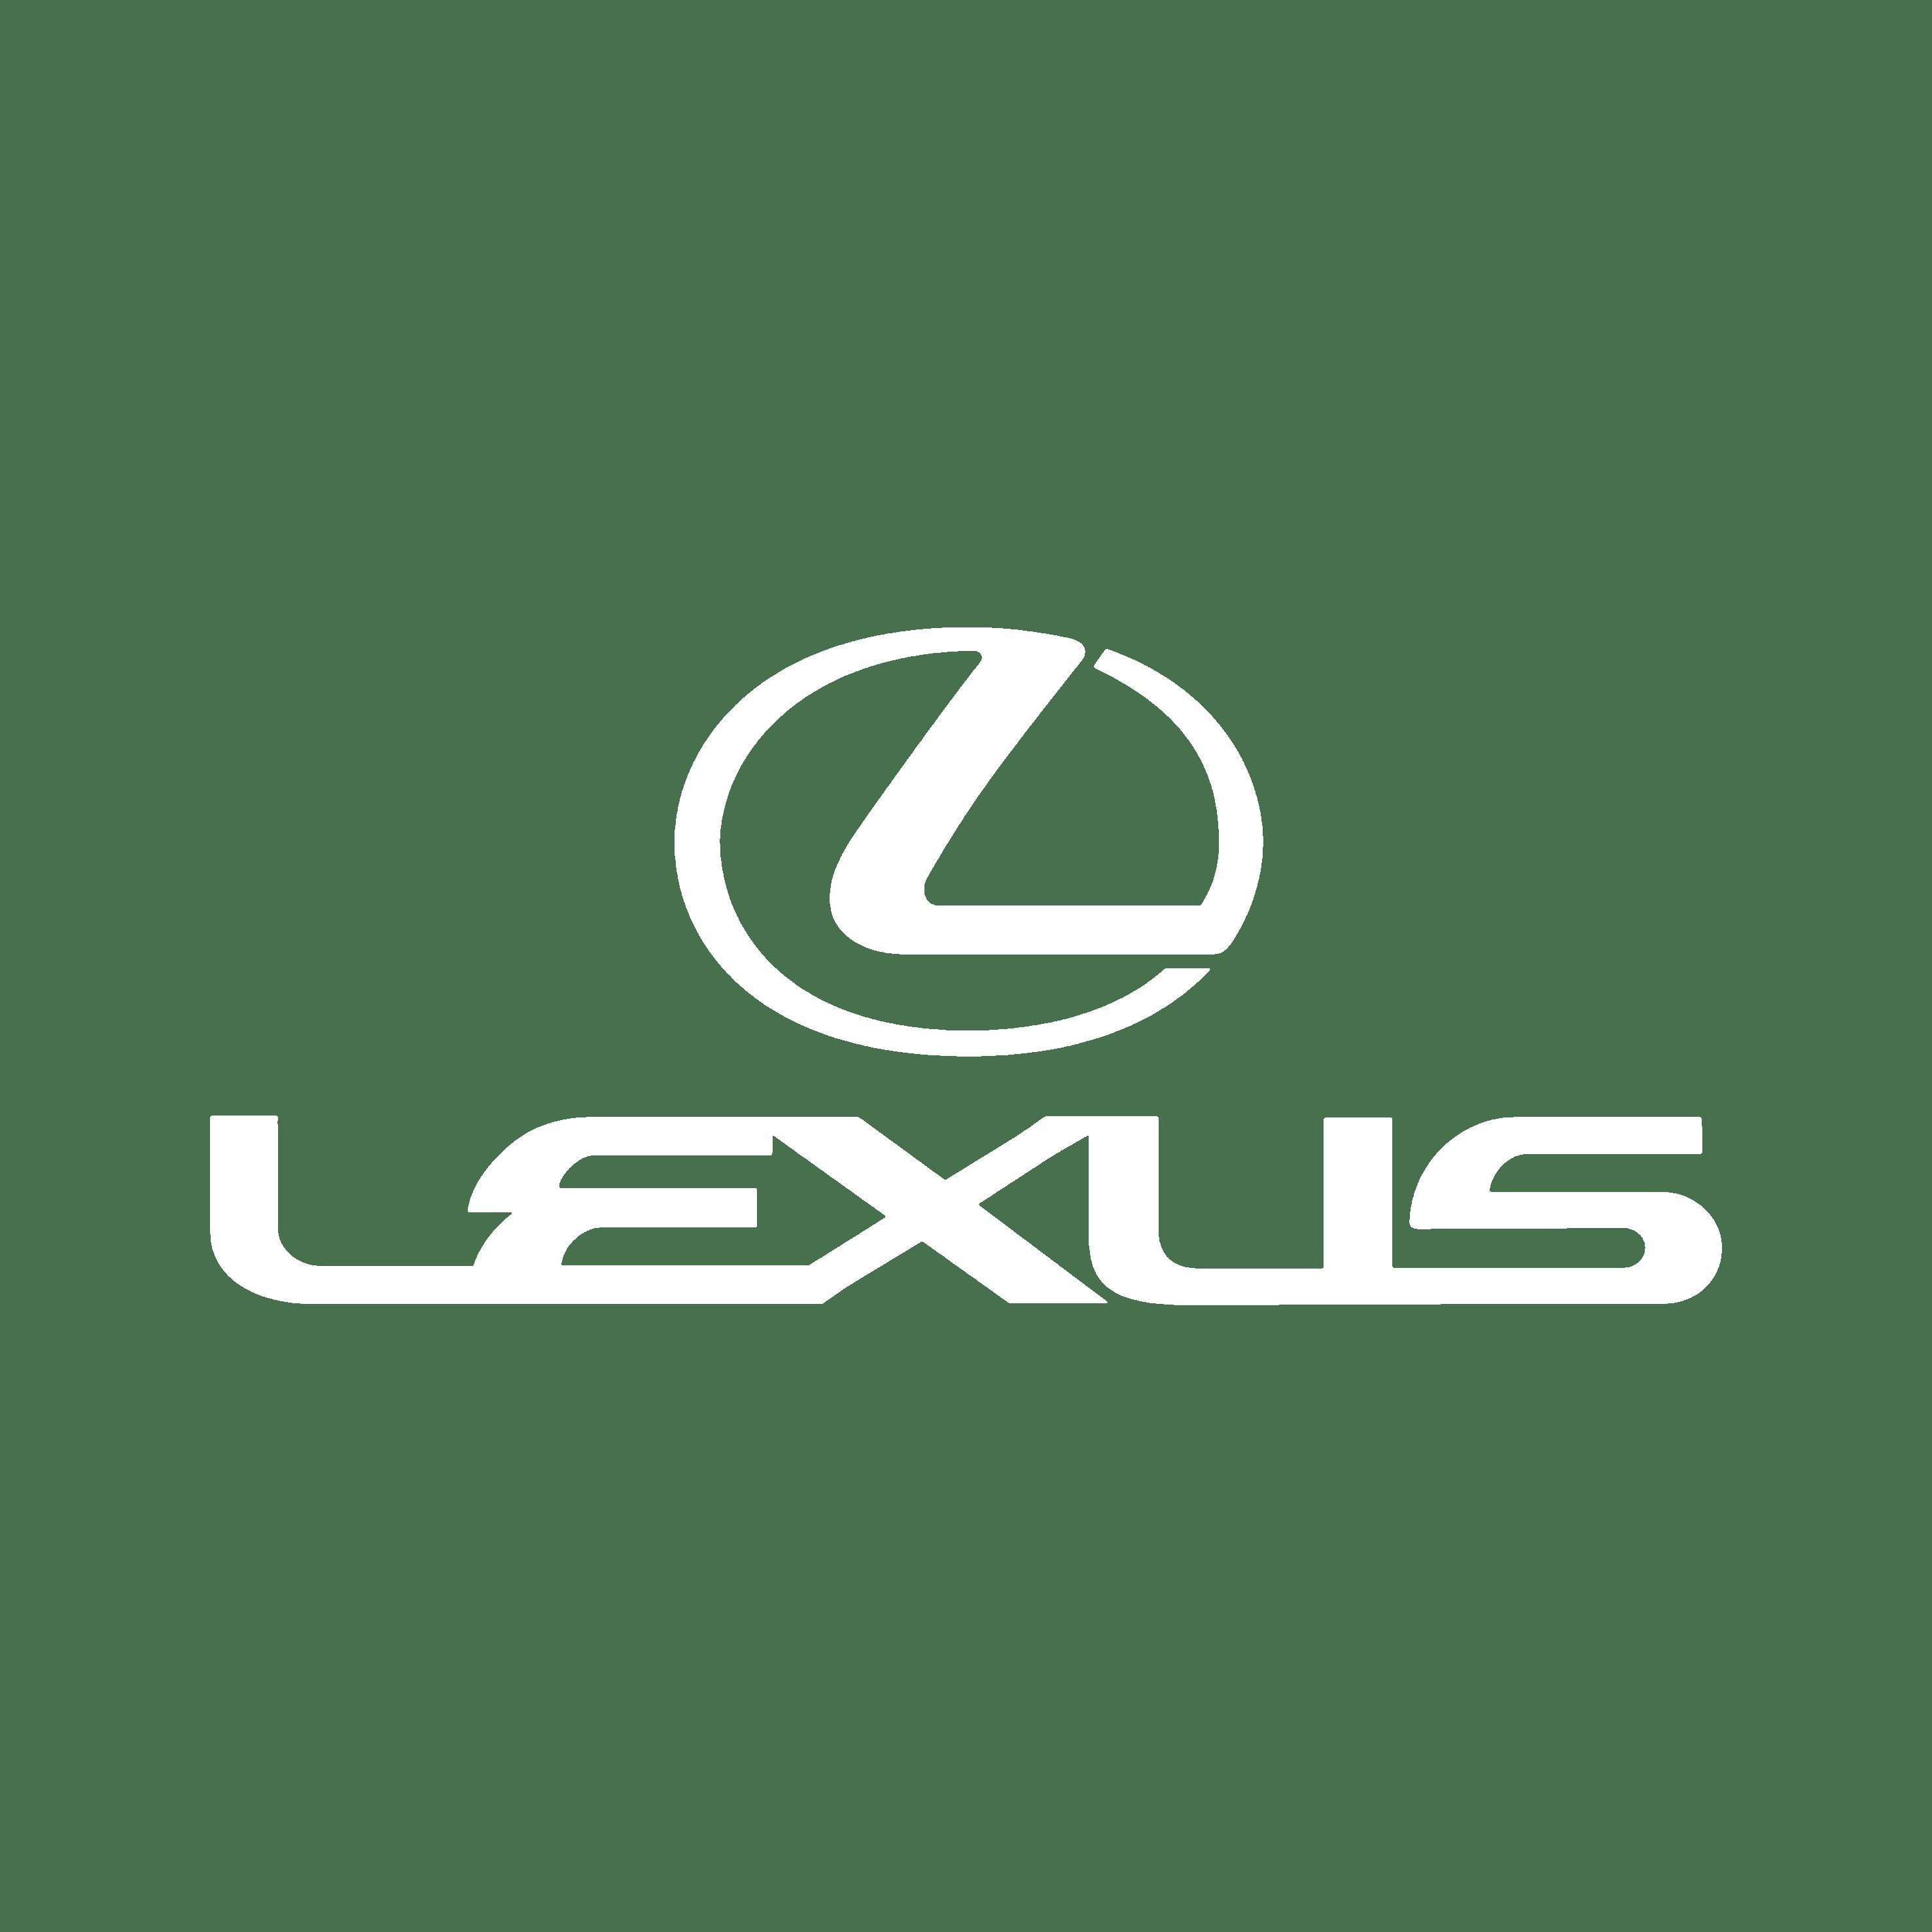 LEXUS-1.png